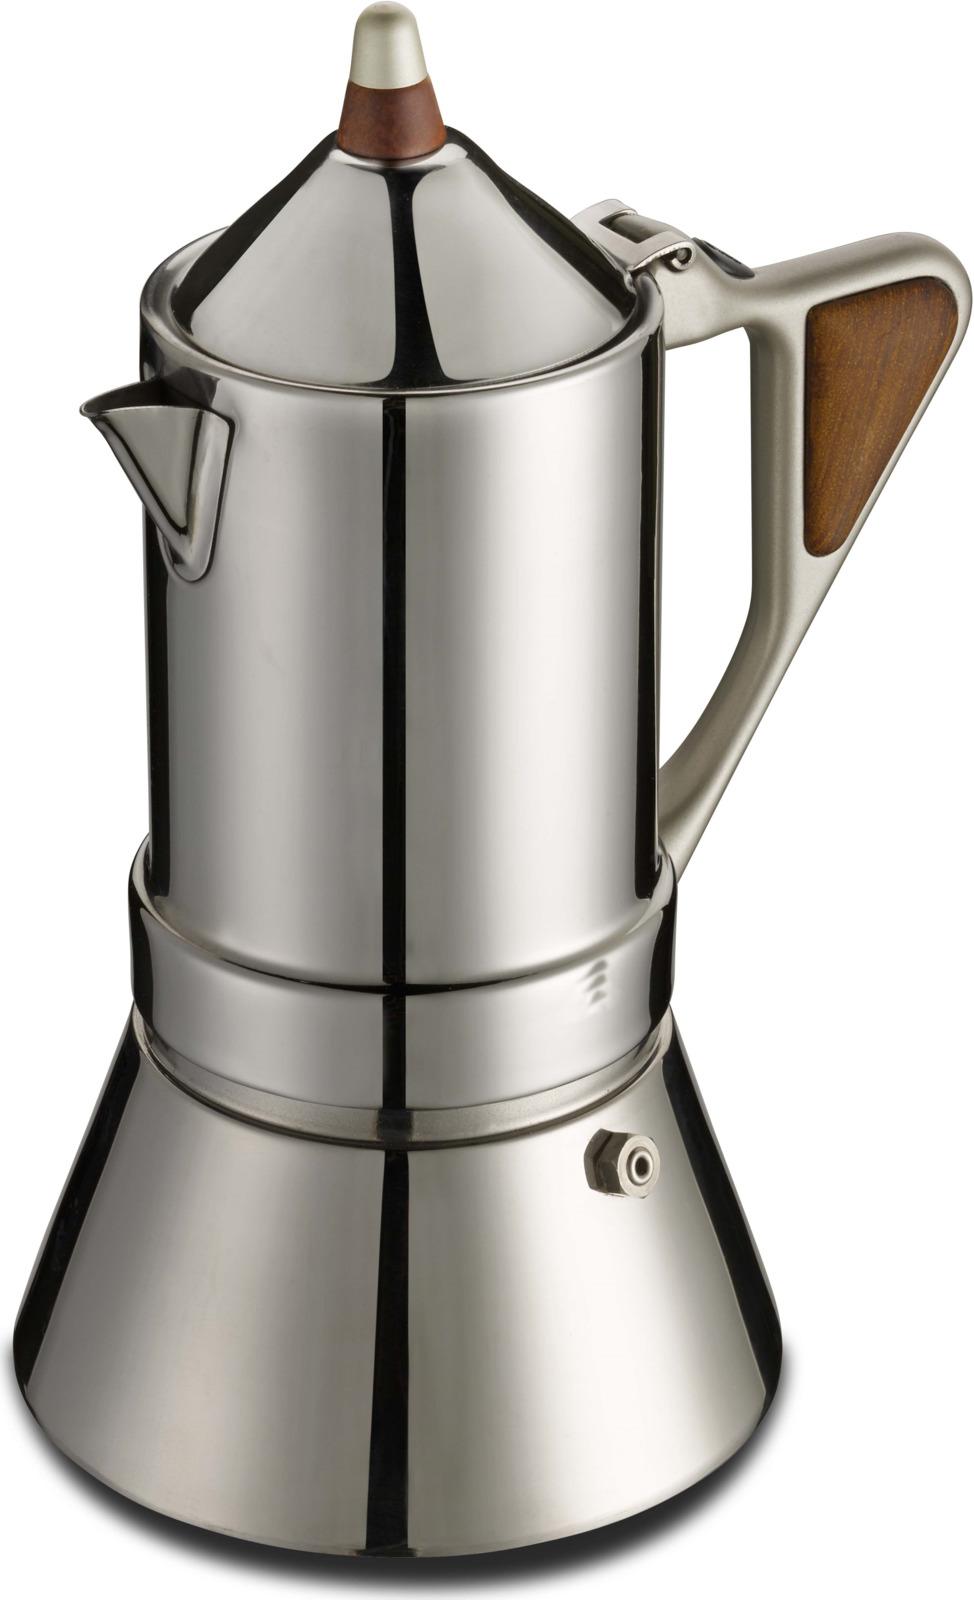 лучшая цена Гейзерная кофеварка Regina, Нержавеющая сталь